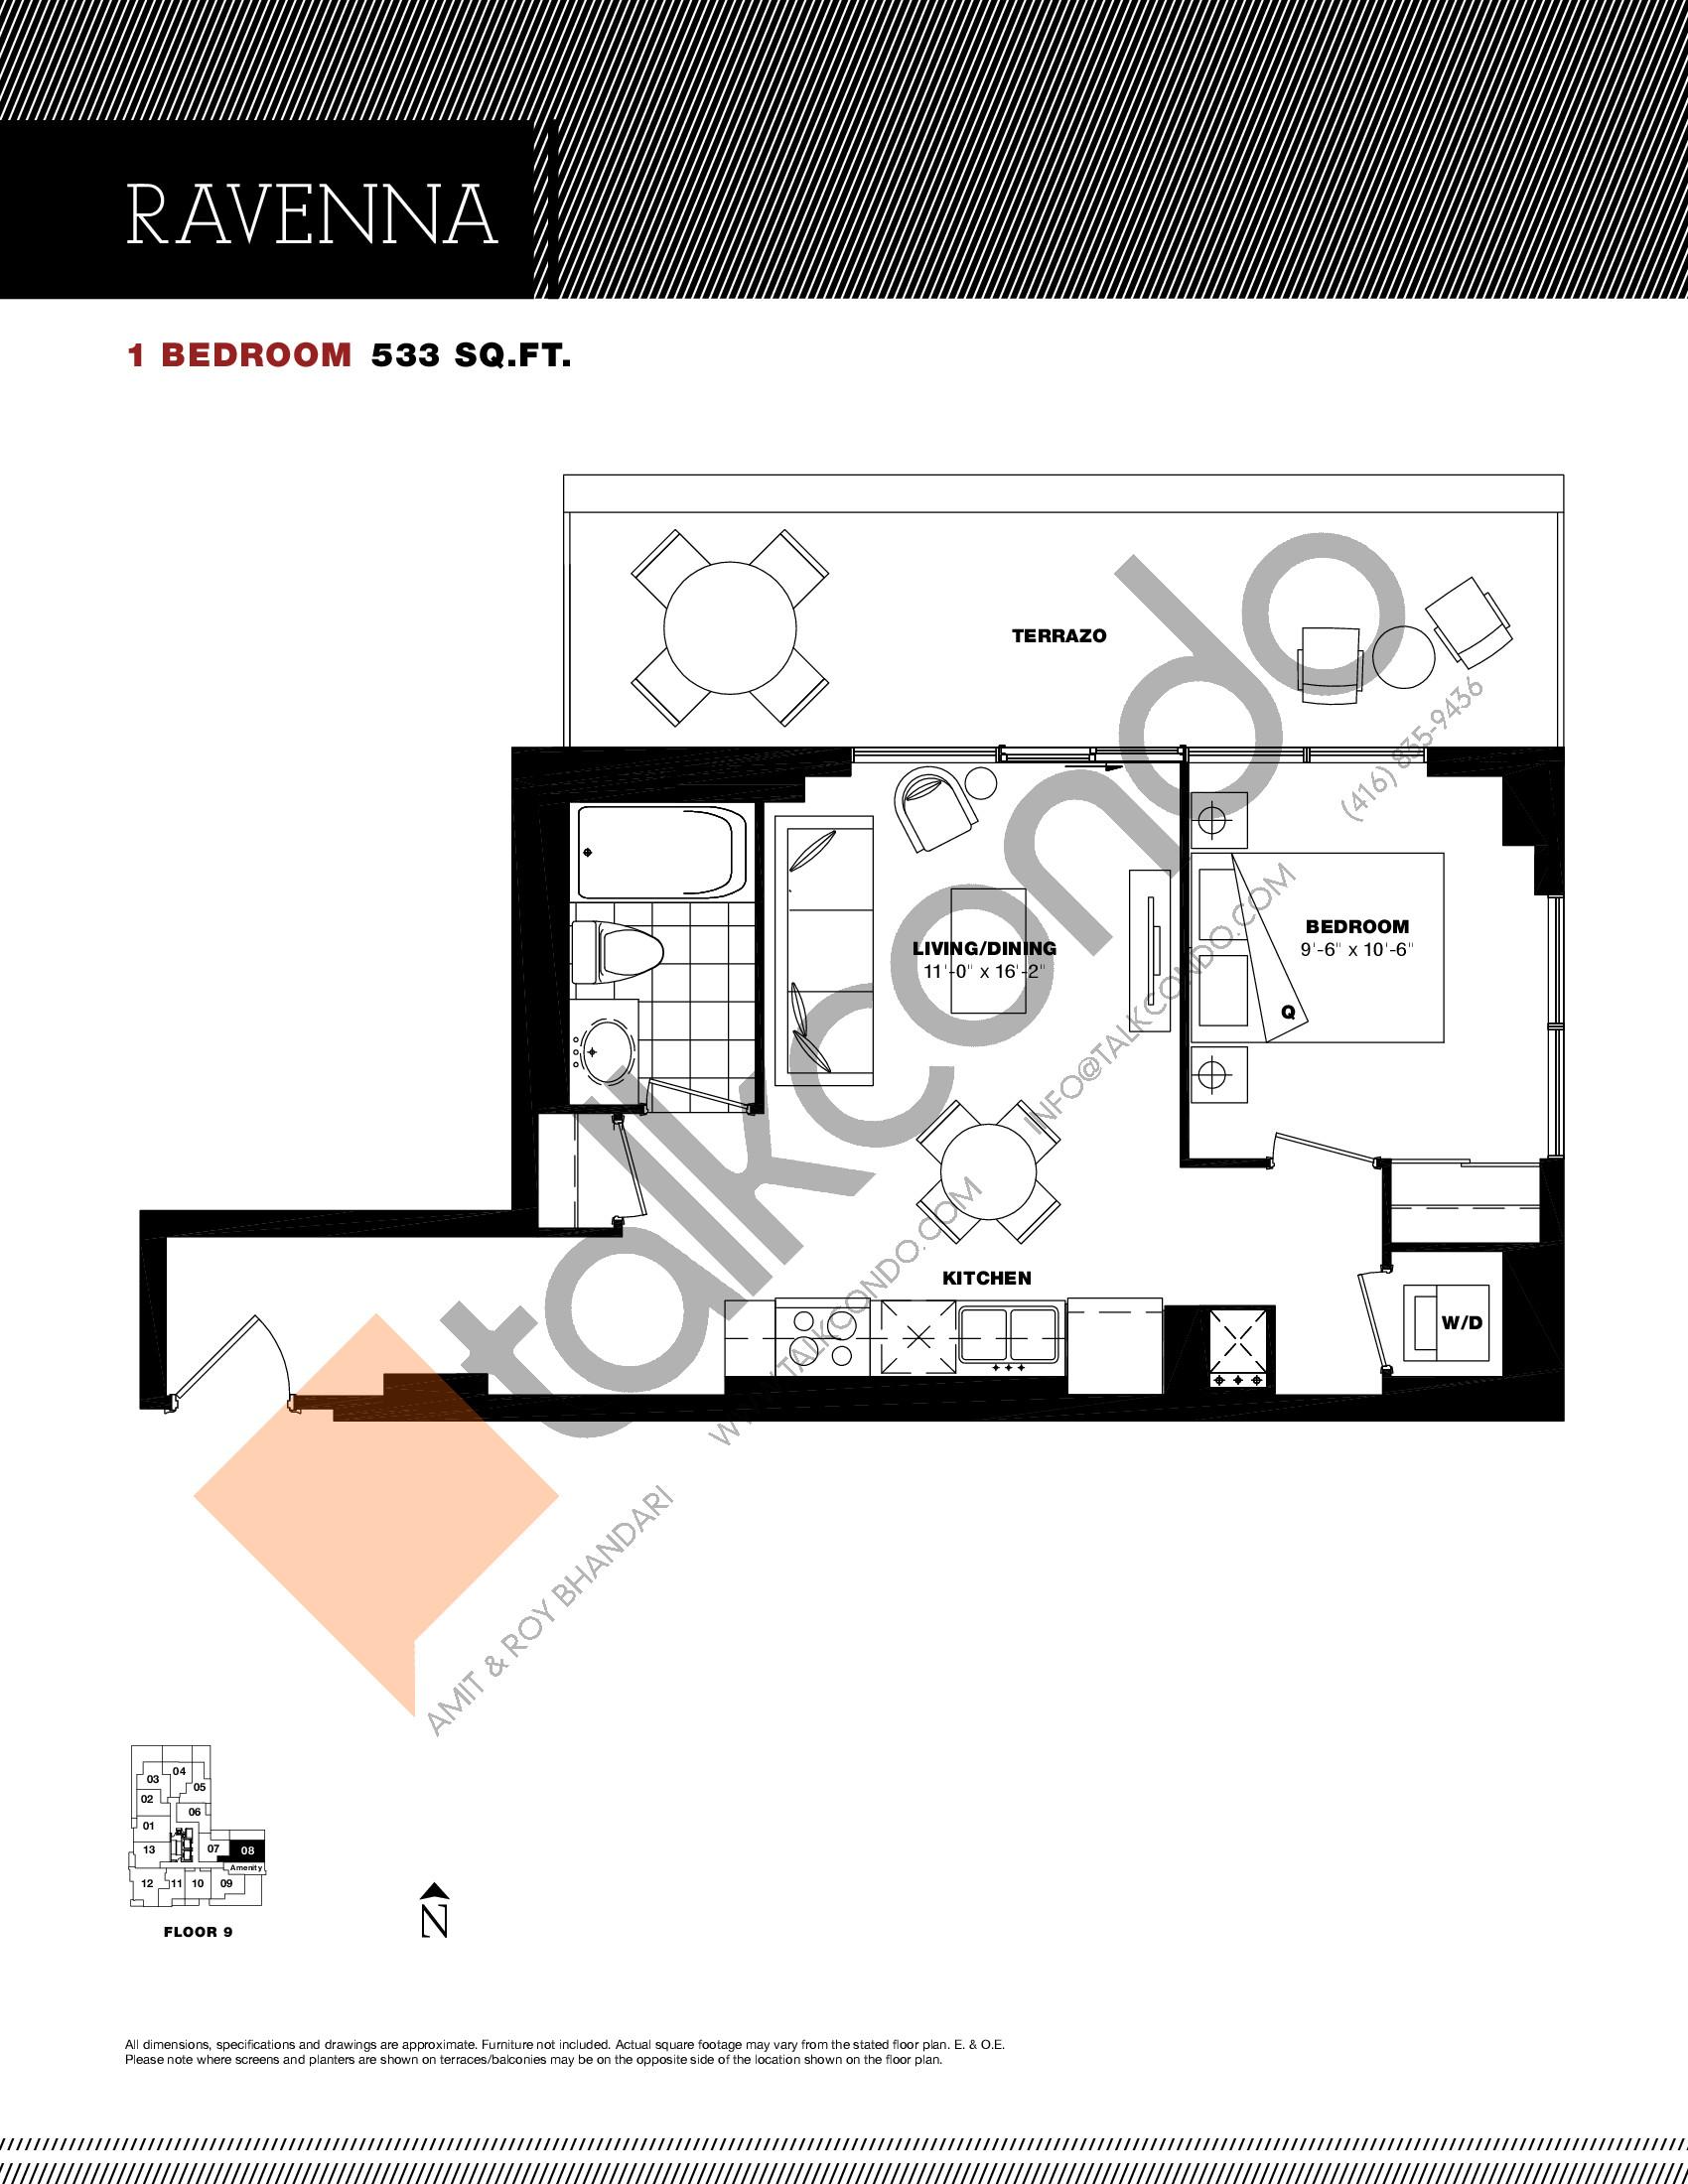 Ravenna Floor Plan at Residenze Palazzo at Treviso 3 Condos - 533 sq.ft